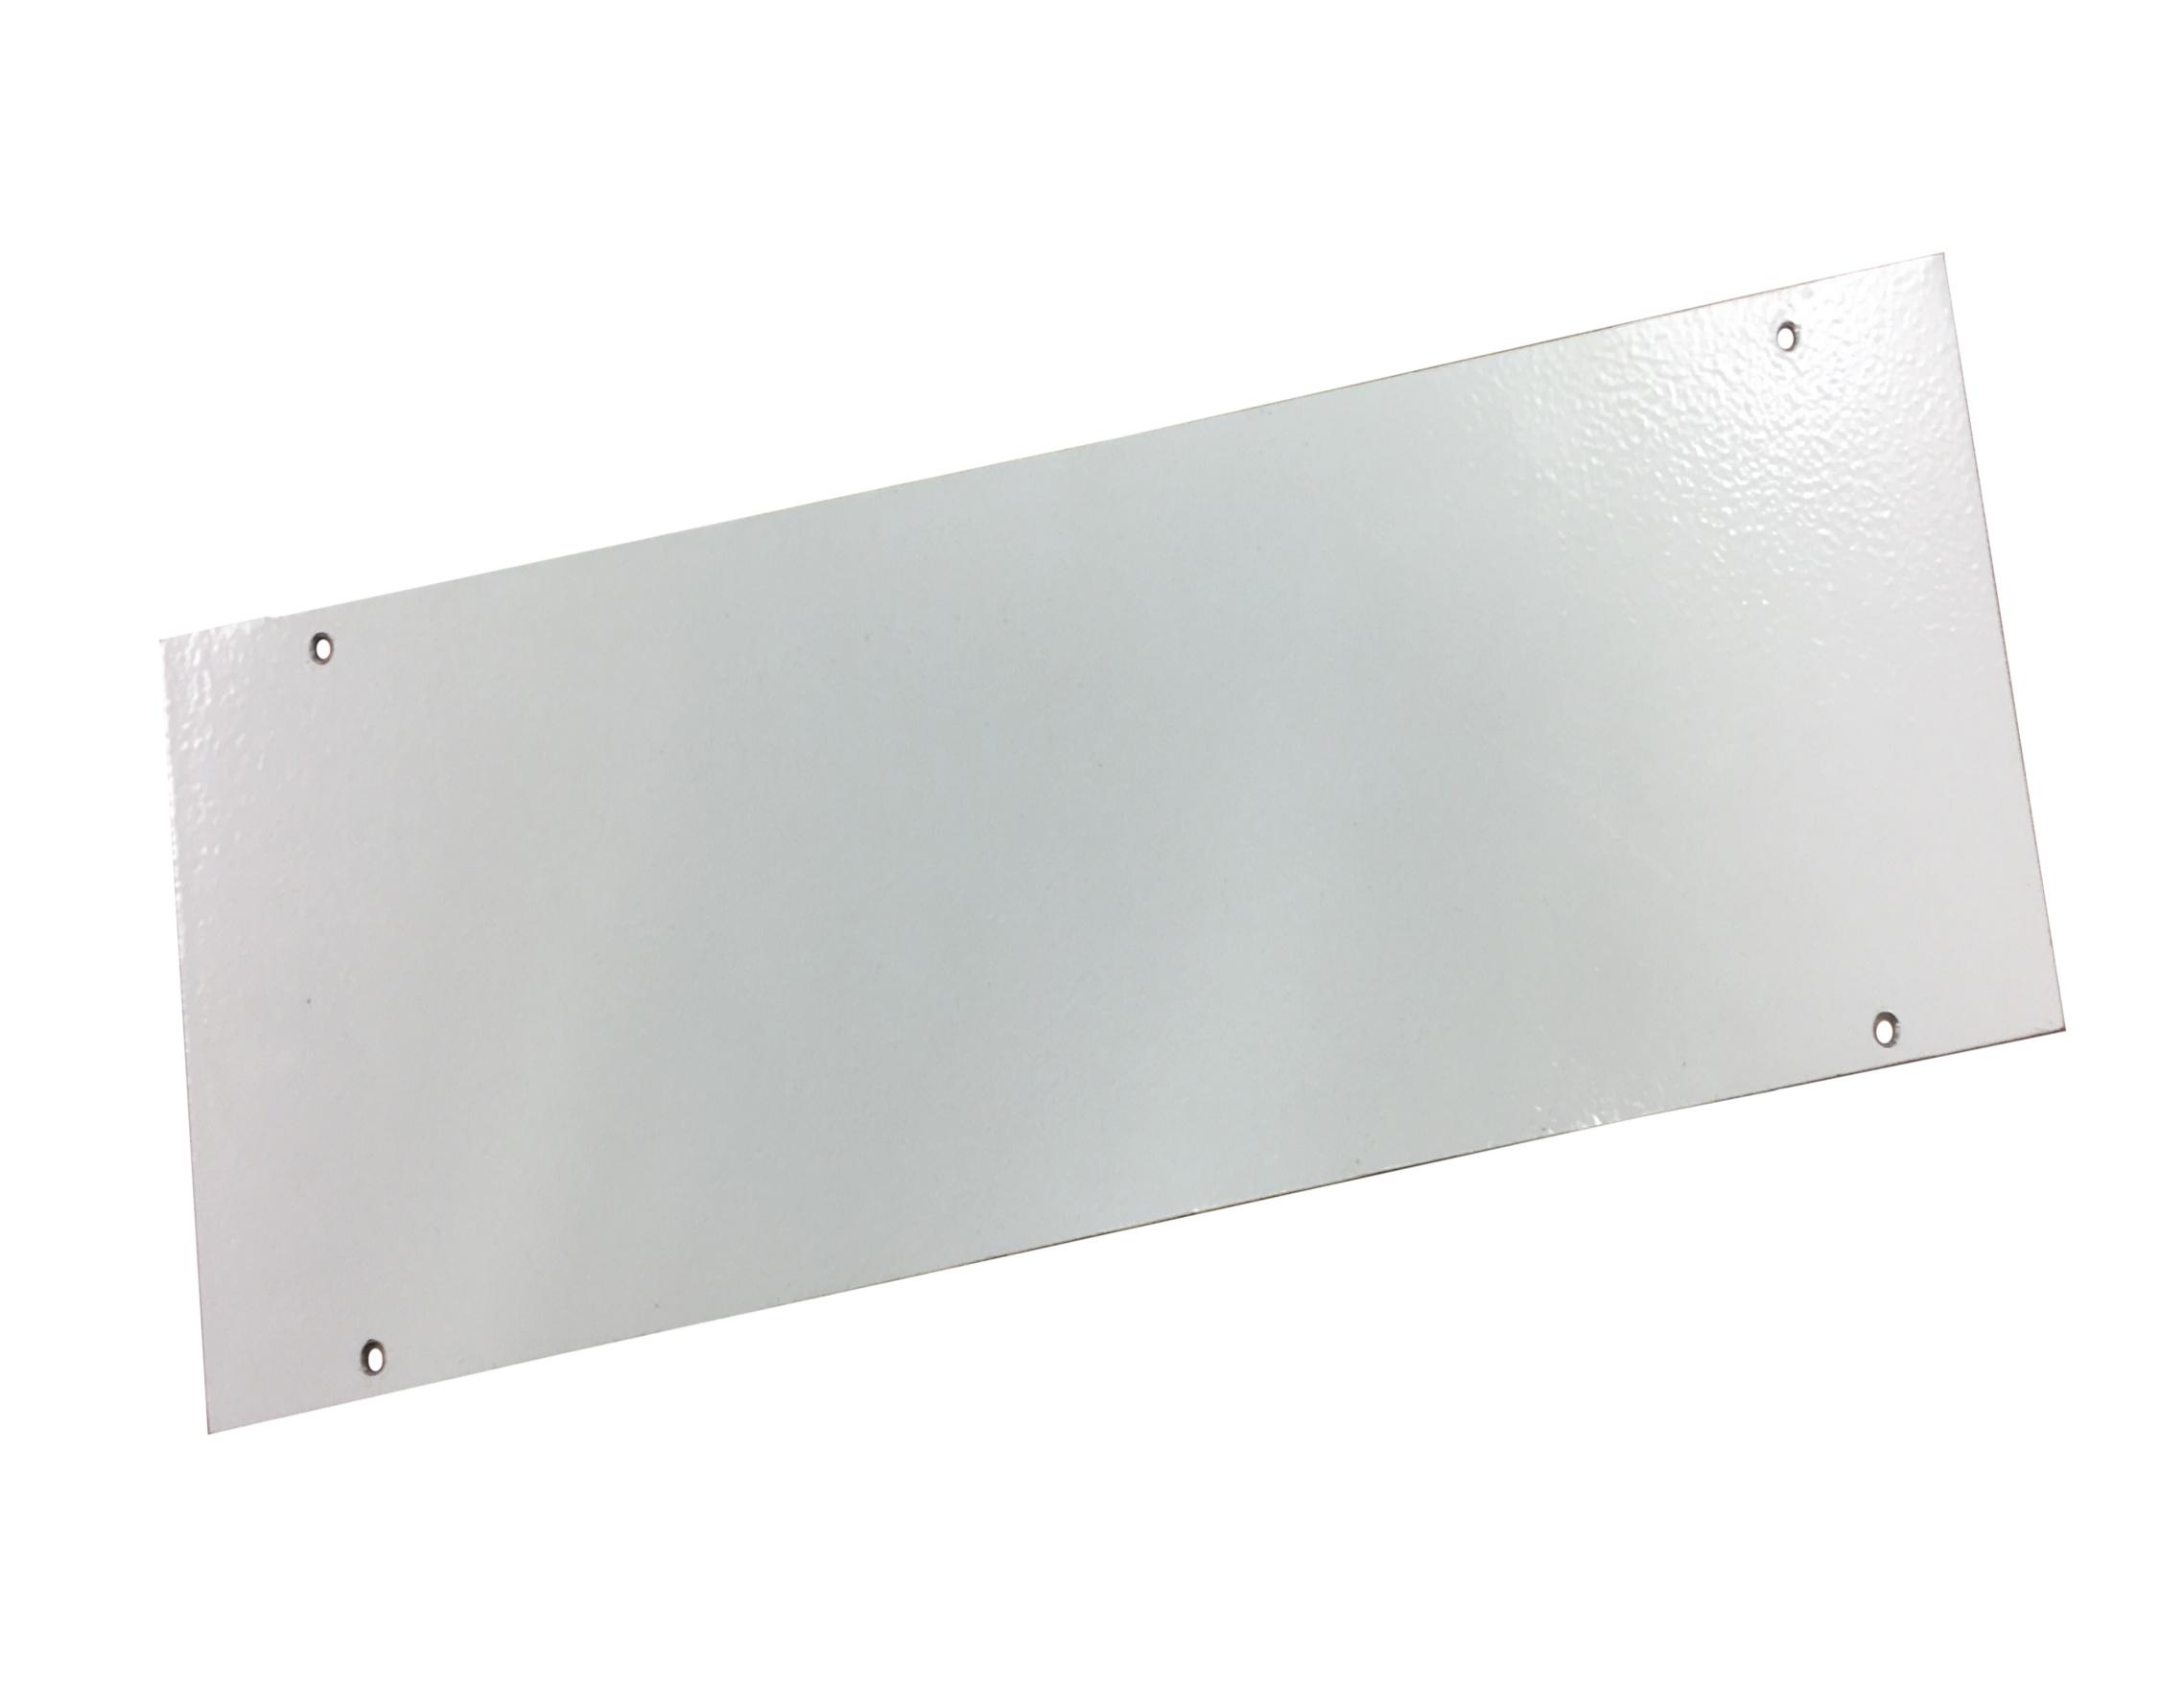 1 Stk Blindflansch IP20C, IL006/009/036 Breite1, 296x130x2mm IL900091--